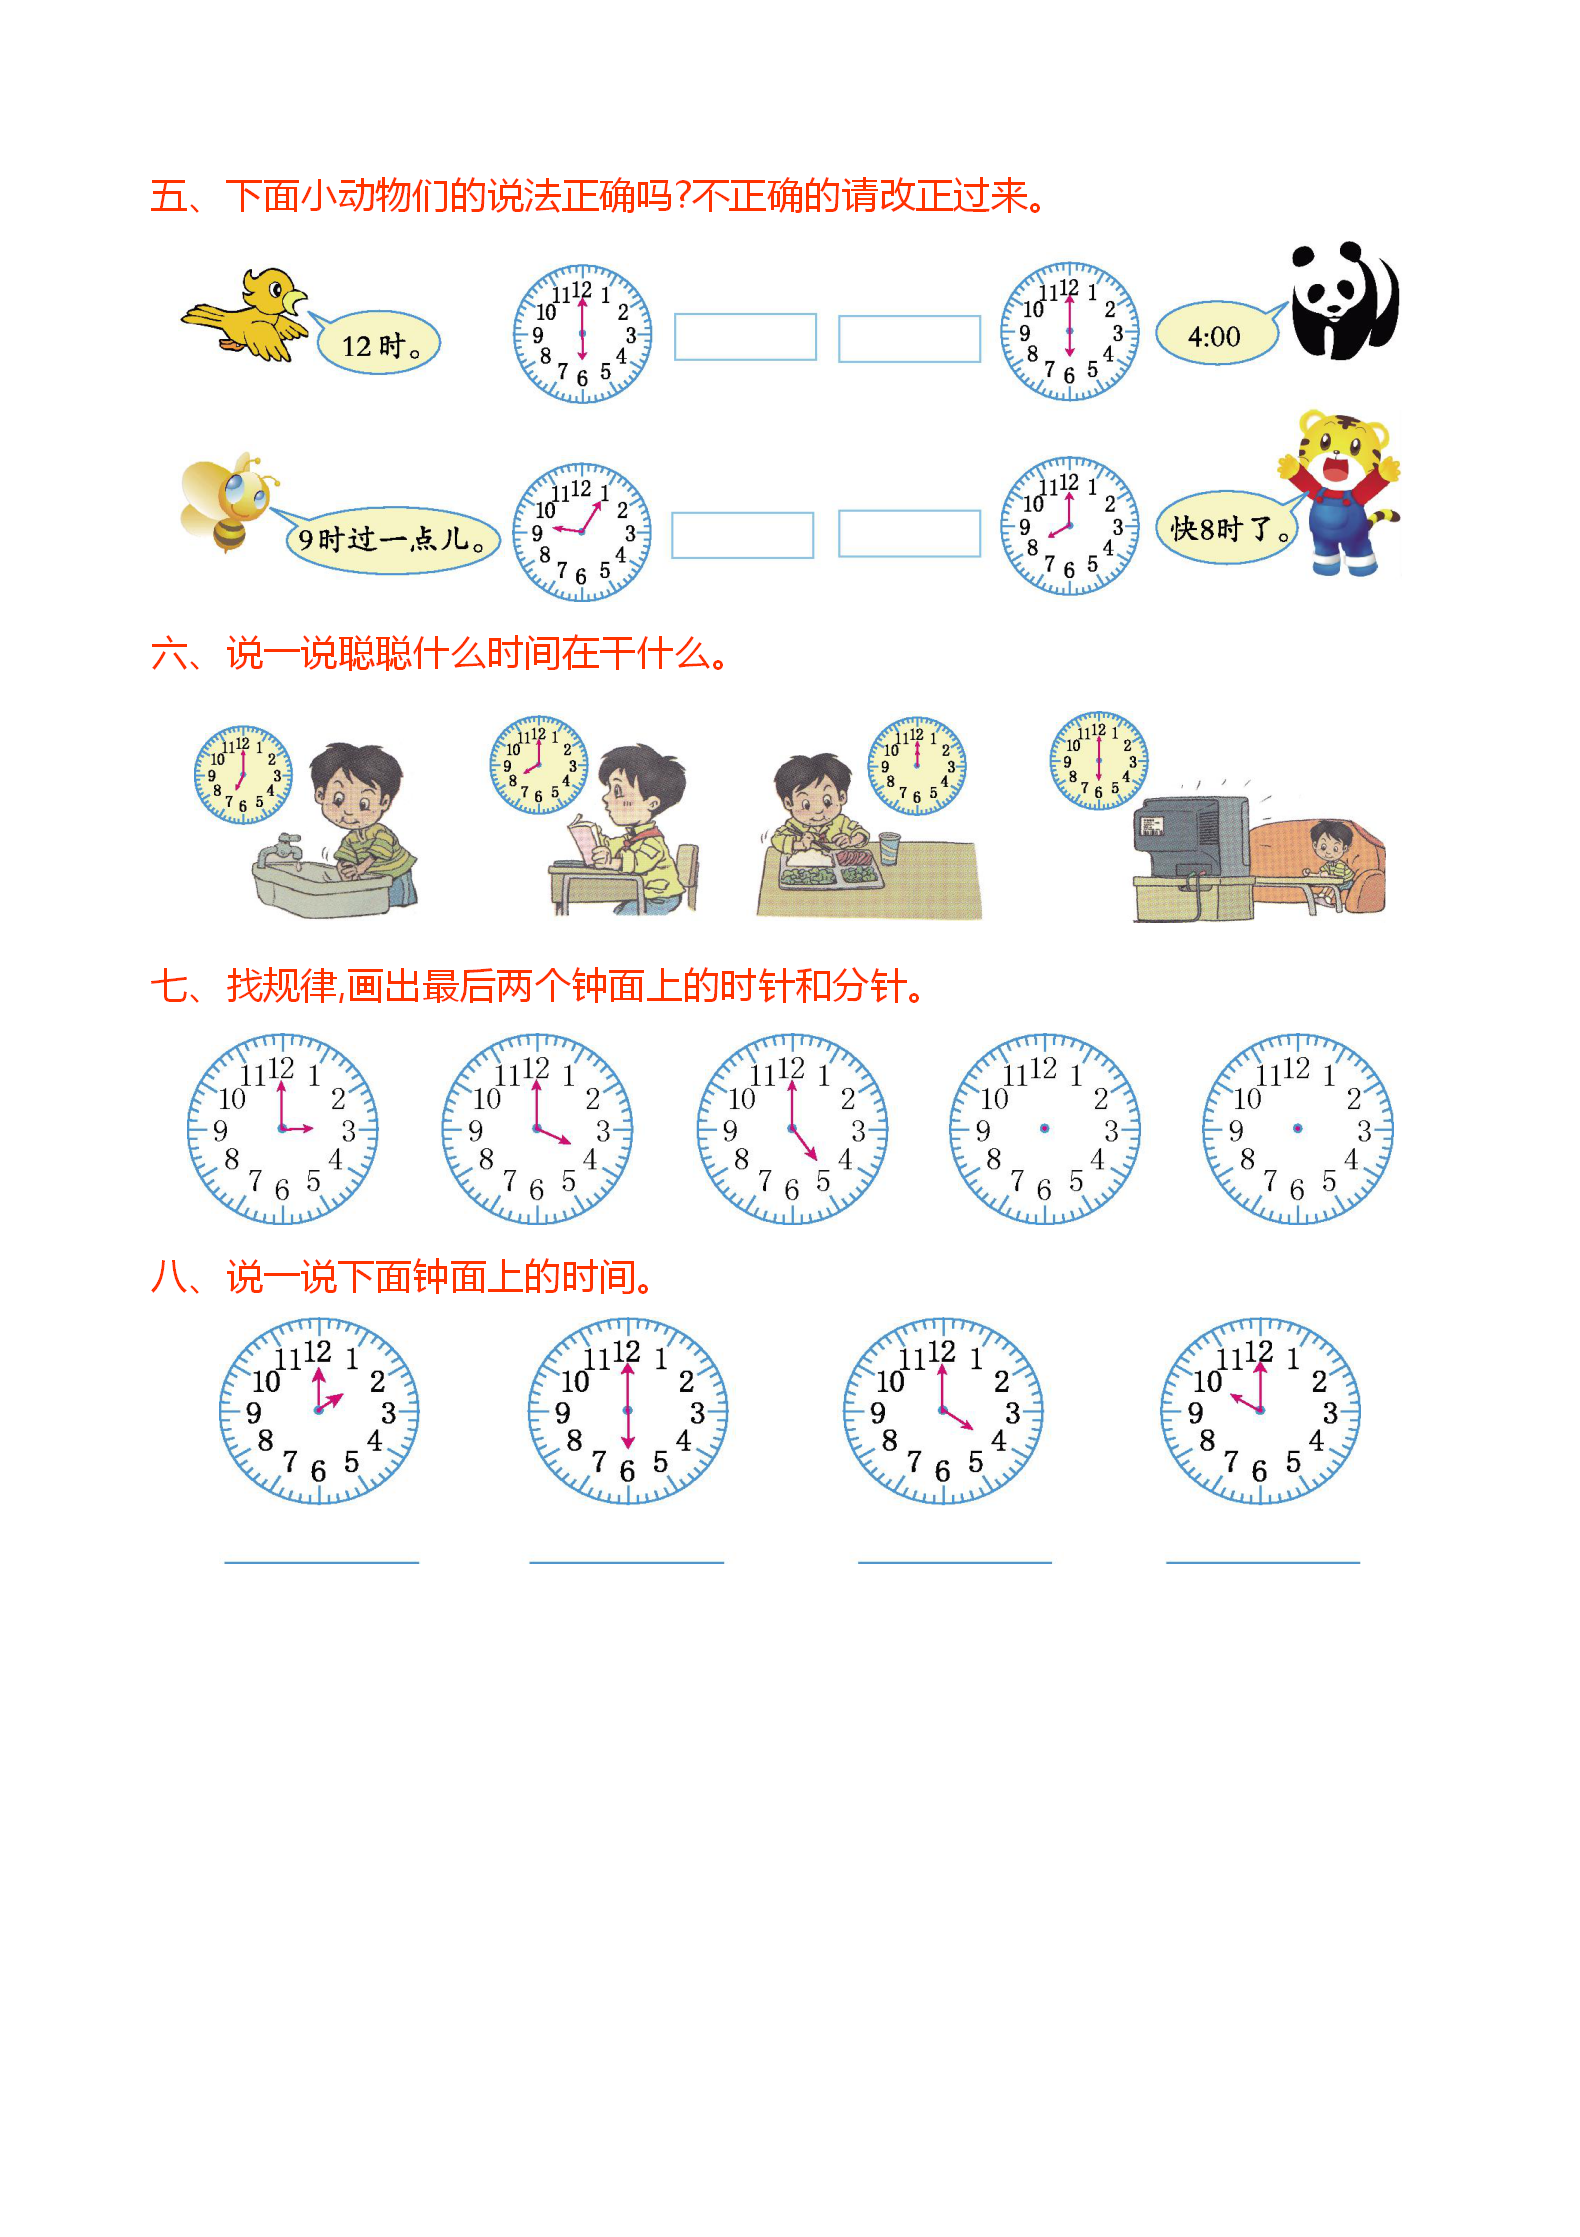 小学数的认识练习题_小学一年级数学:认识钟表练习题合集,孩子一定要掌握好,快 ...